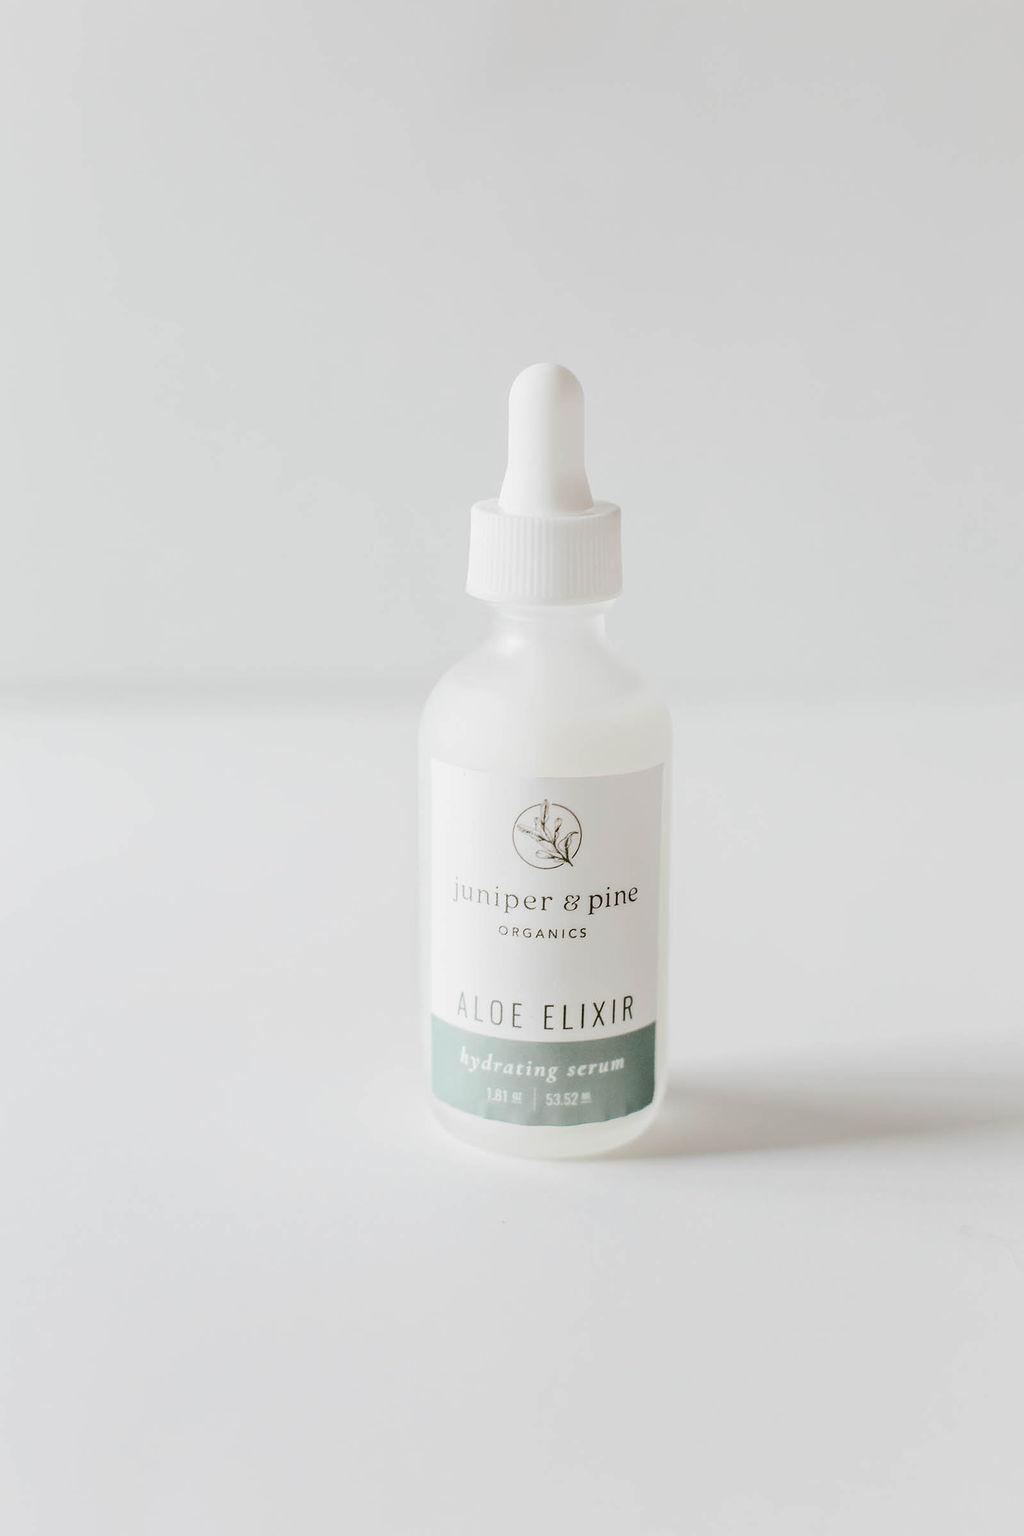 Aloe Elixir Facial Serum